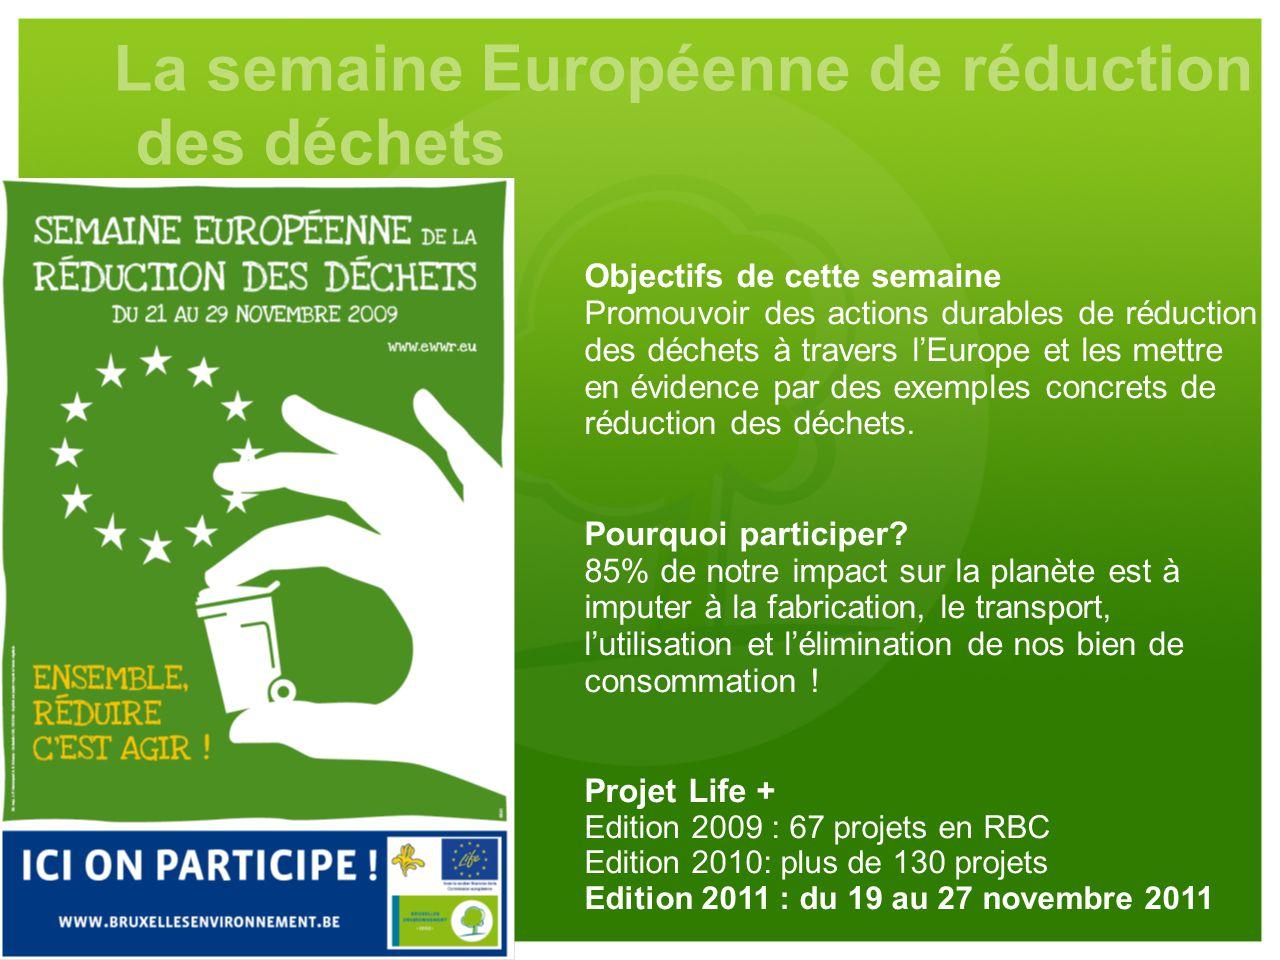 La semaine Européenne de réduction des déchets Objectifs de cette semaine Promouvoir des actions durables de réduction des déchets à travers l'Europe